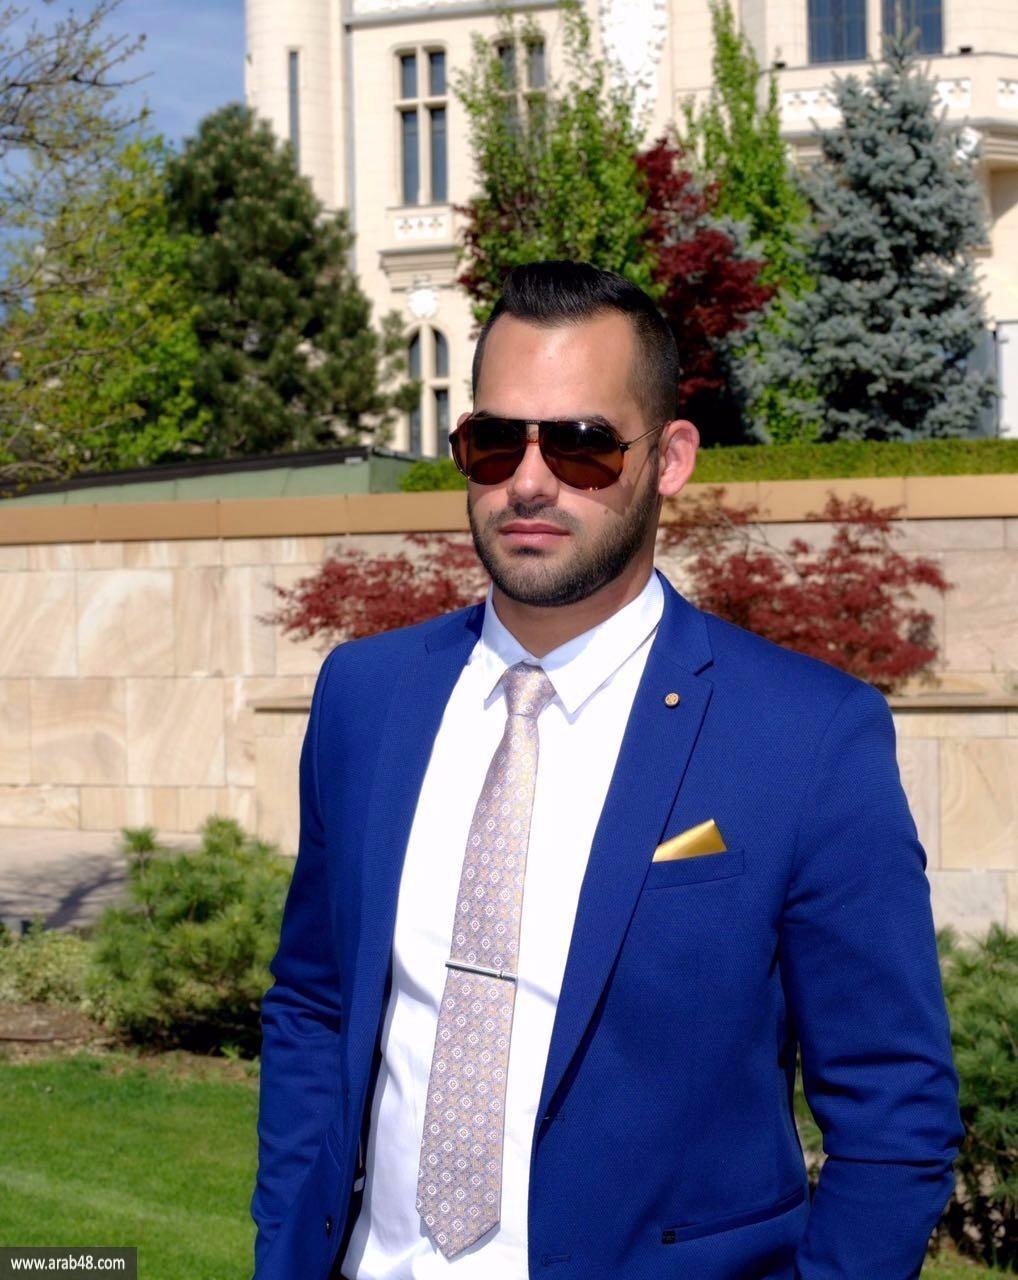 والدا طالب الطب المرحوم مجدي سالم يتسلمان شهادته